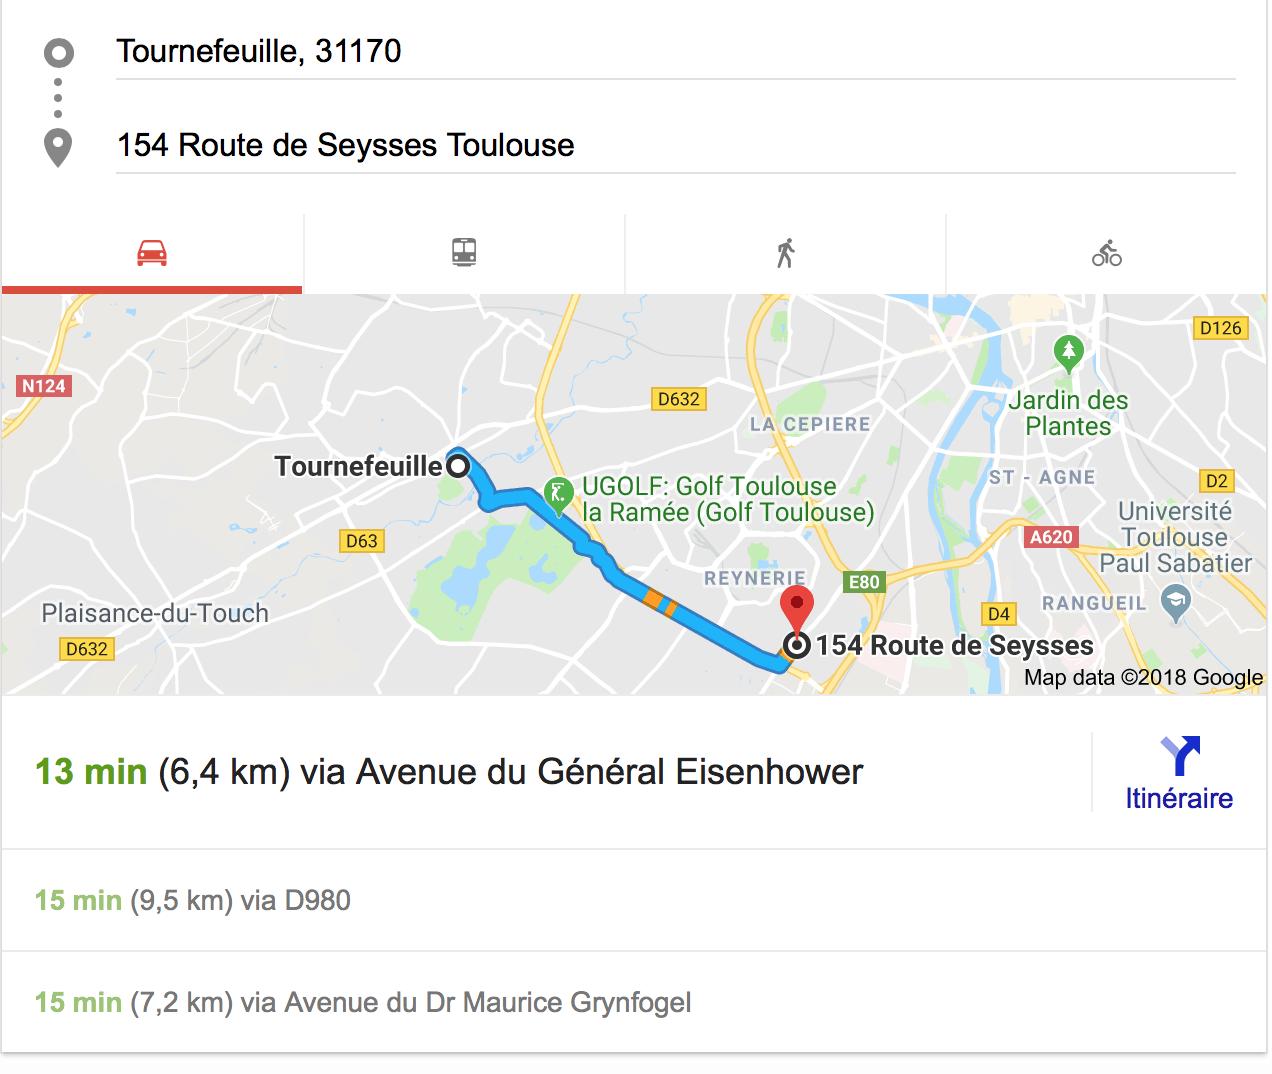 plan itinéraire Tournefeuille bureaux Toulouse - Contact